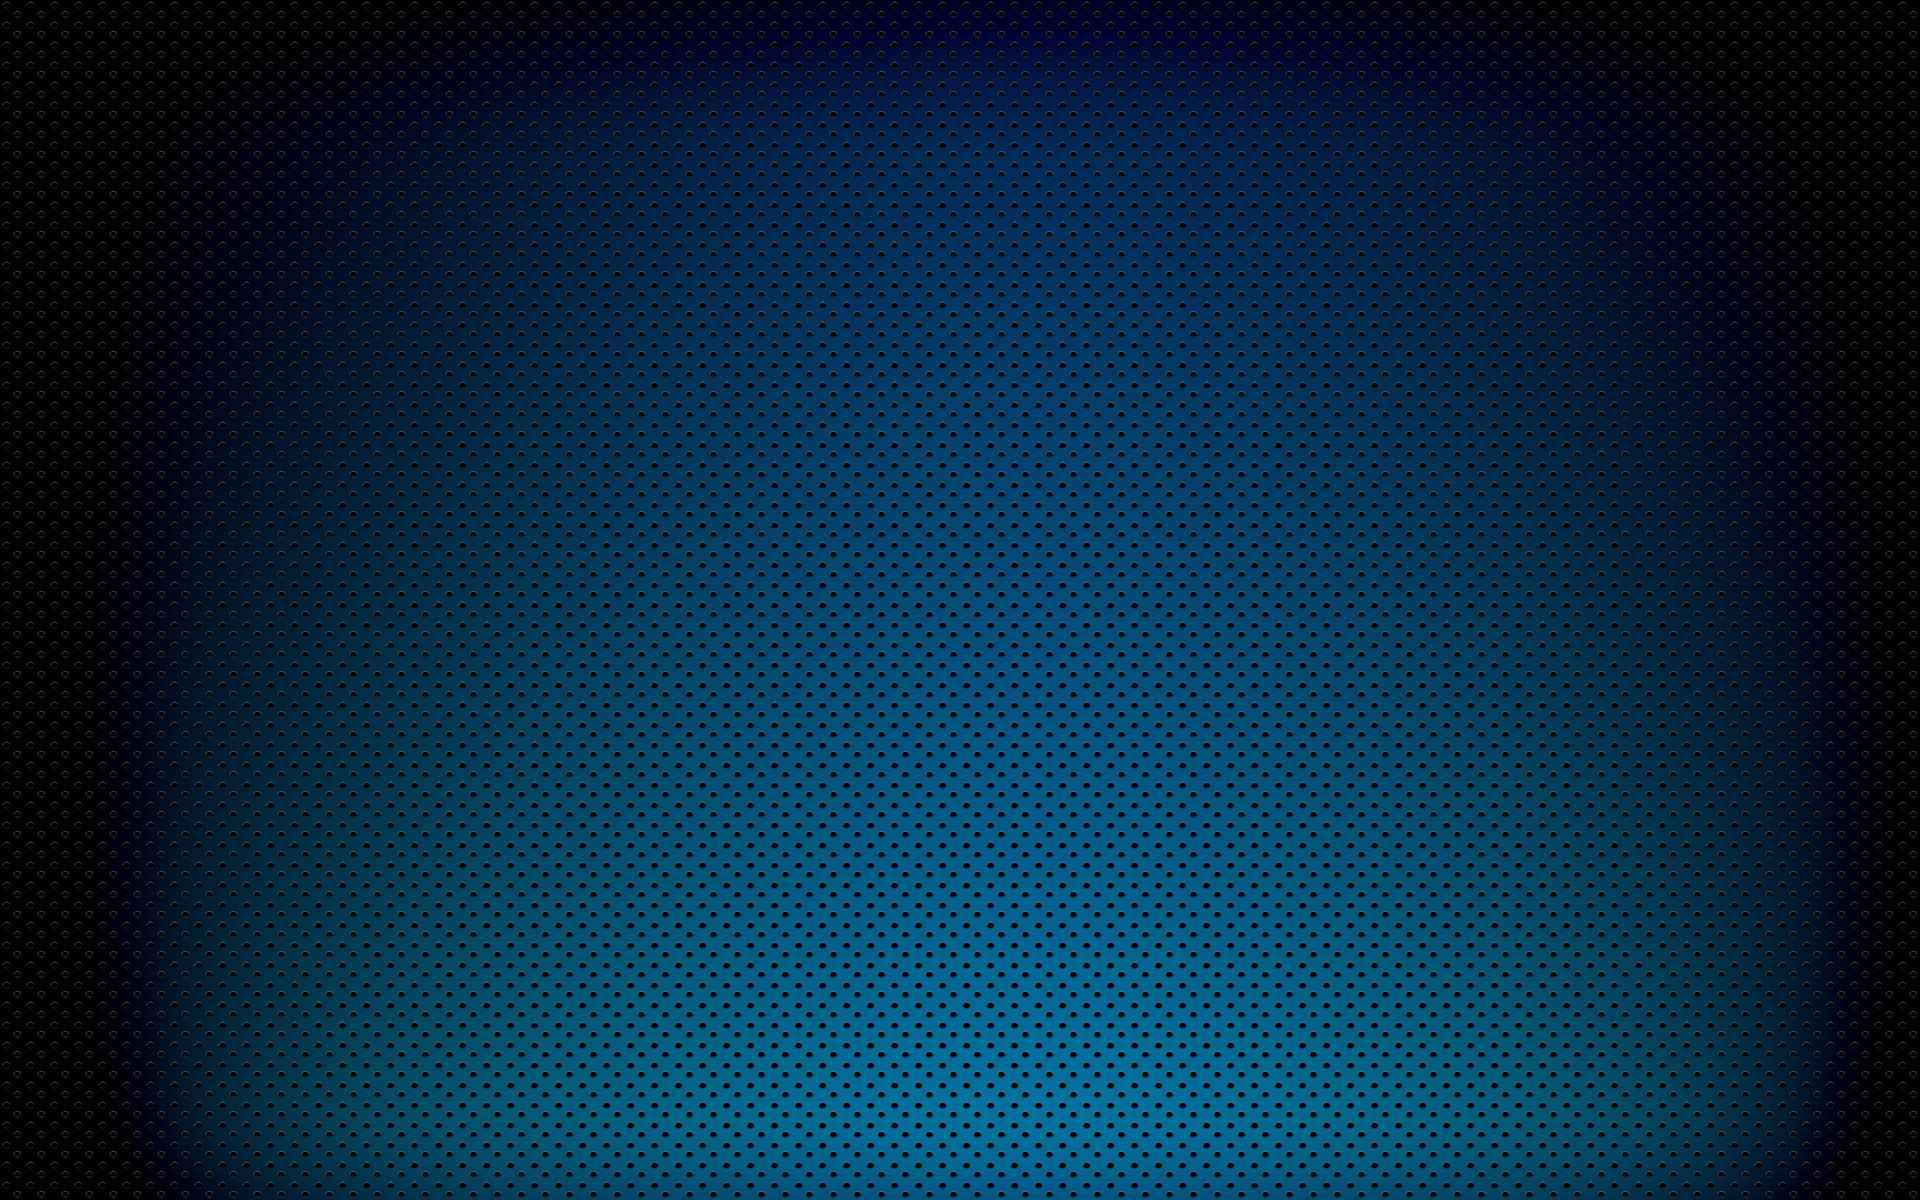 Blue Wallpaper 040